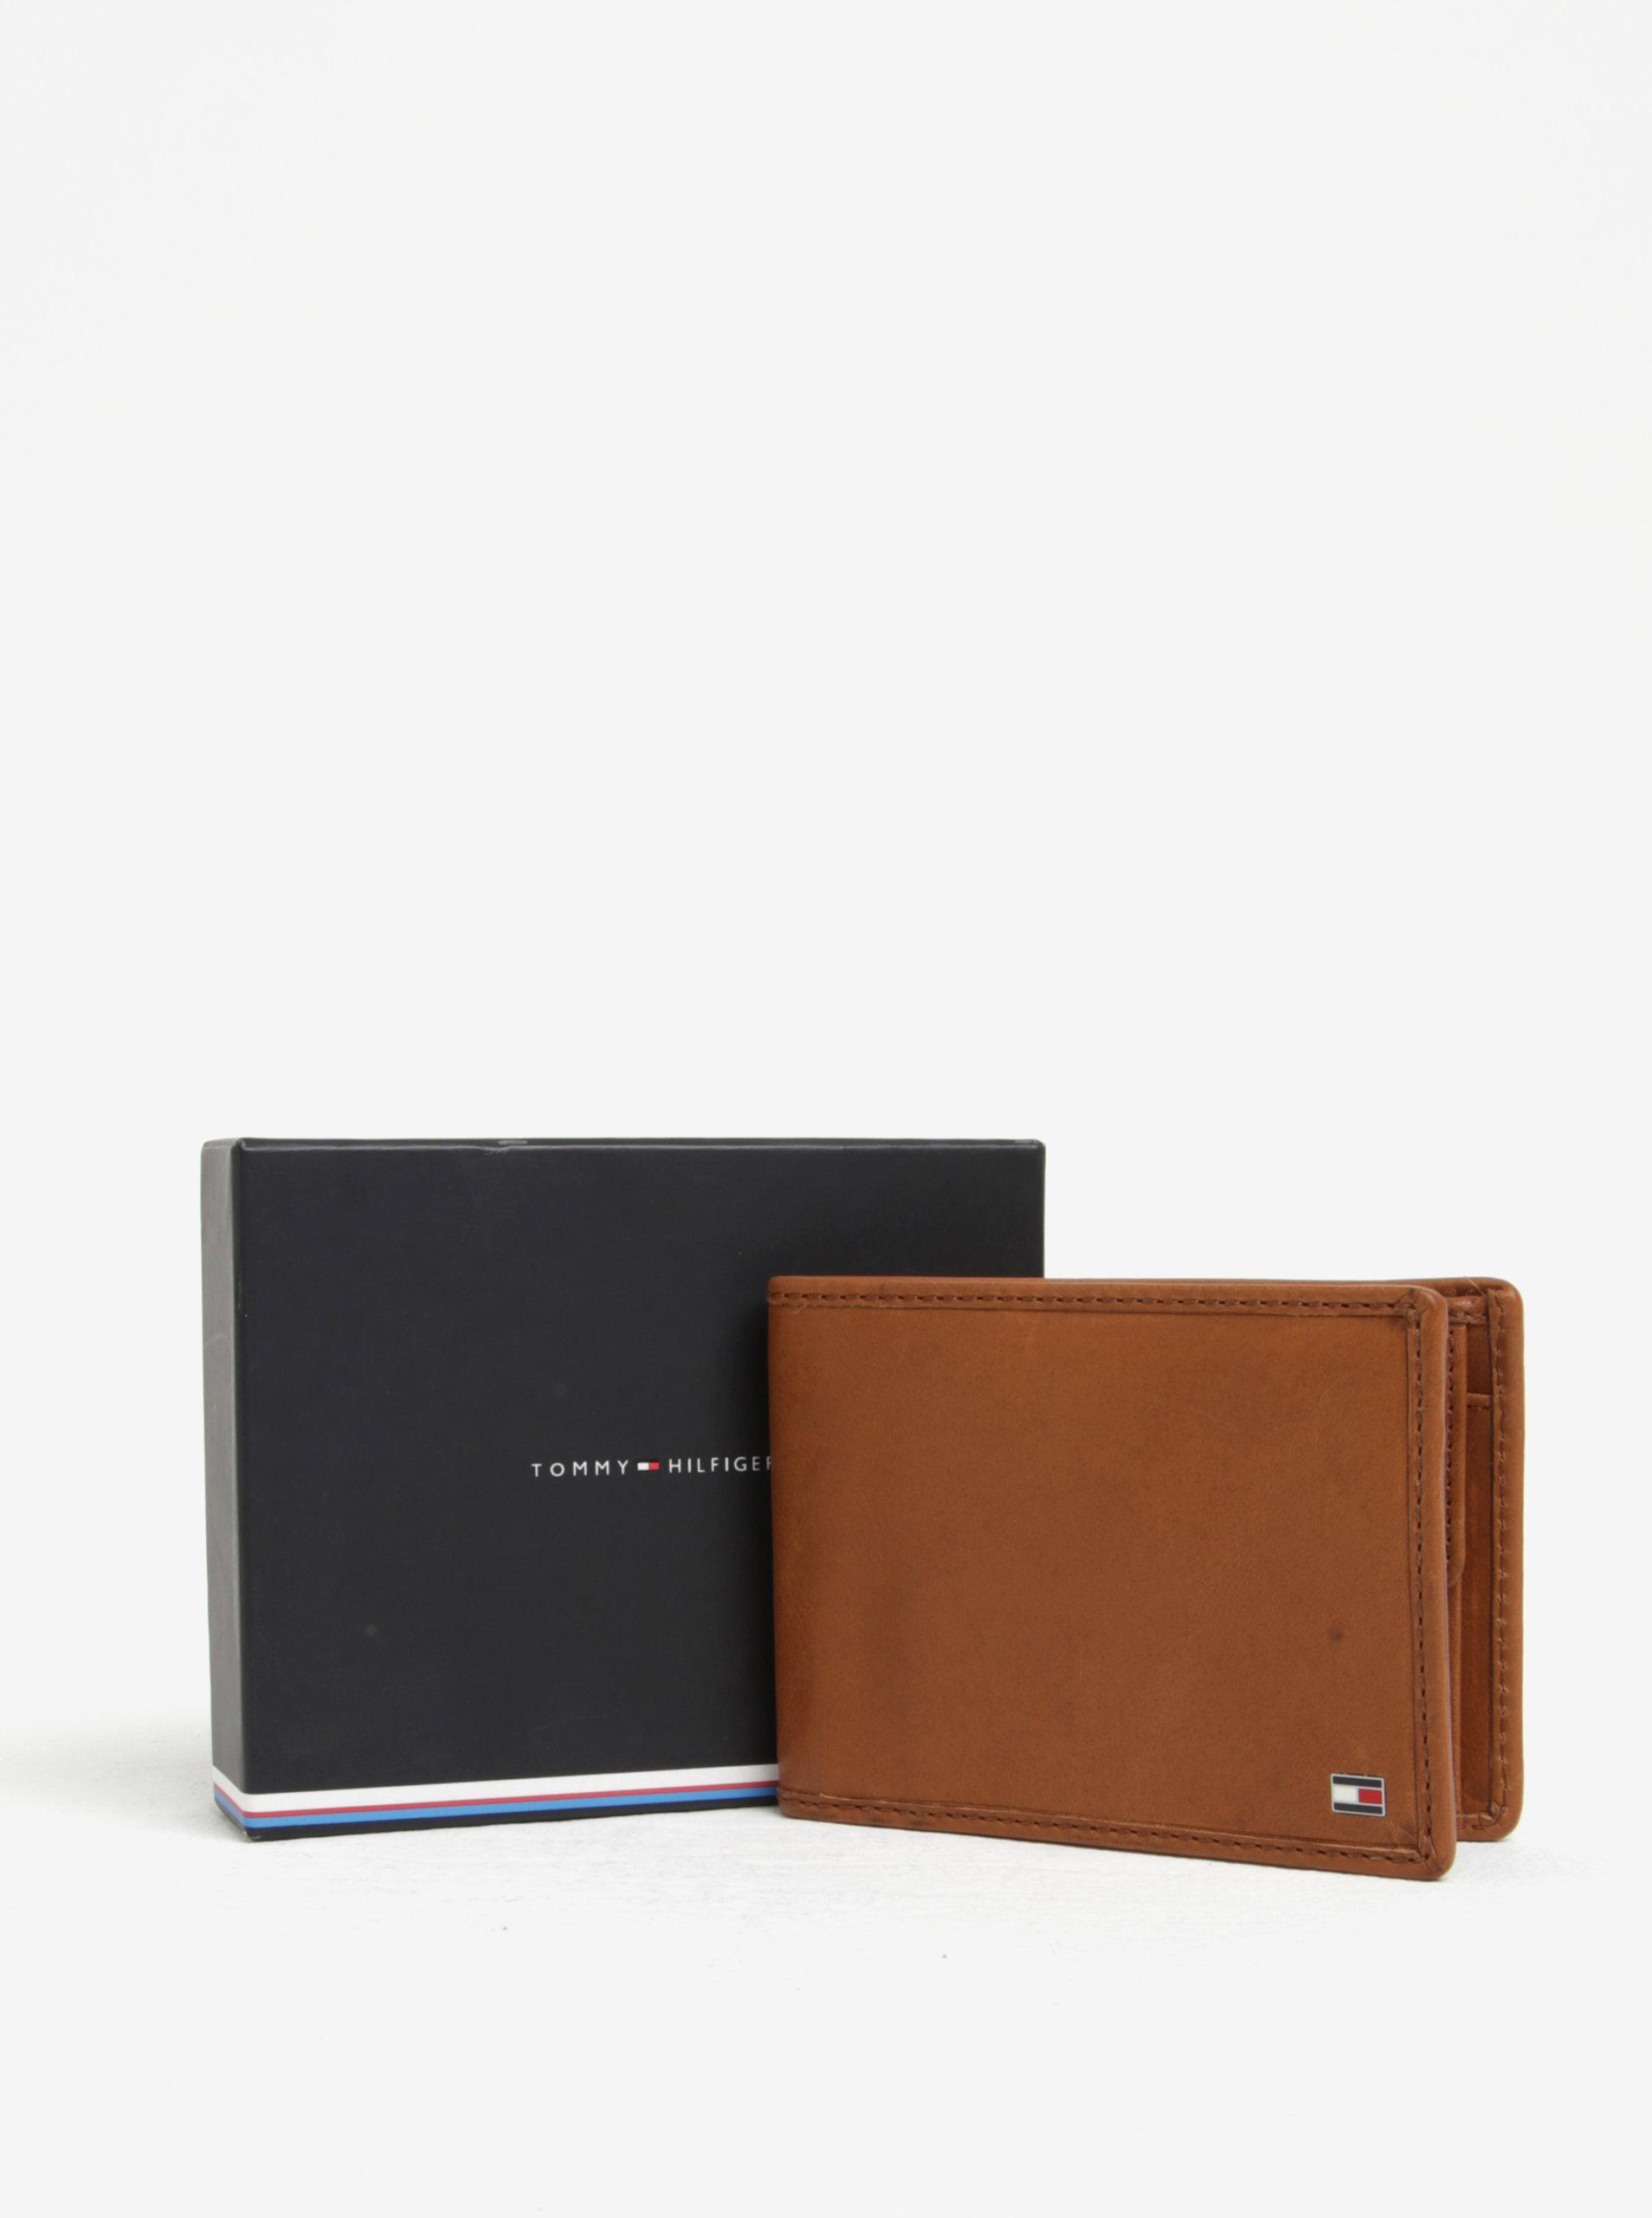 Hnedá pánska kožená peňaženka Tommy Hilfiger ... 442243bf8bd